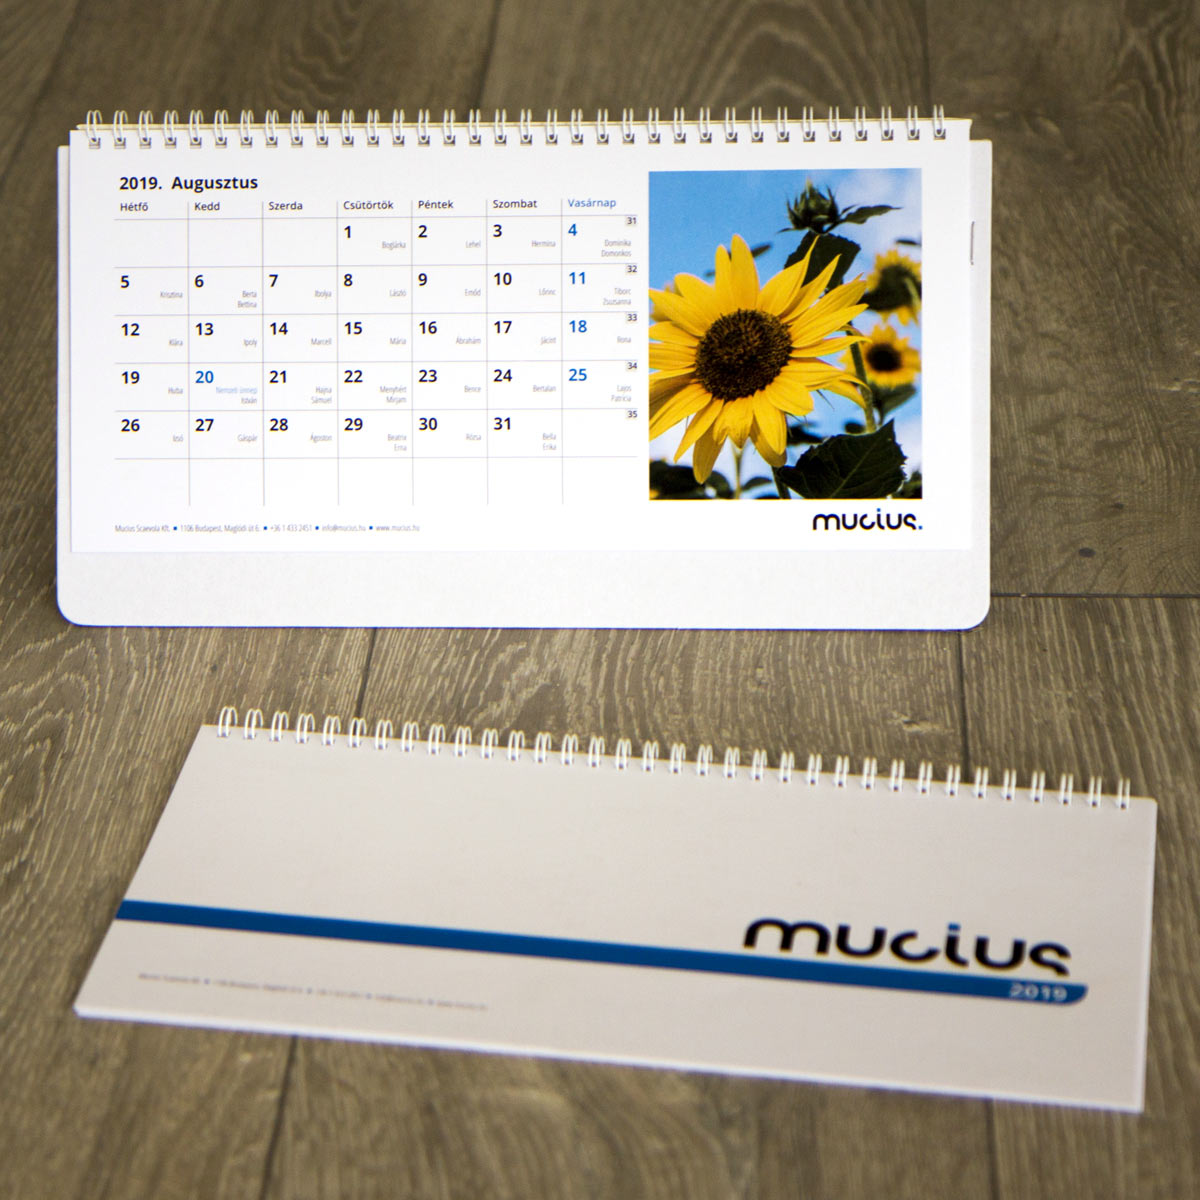 asztali naptár készítés ingyen Naptárkészítés, naptár készítés | naptarkeszites.hu asztali naptár készítés ingyen